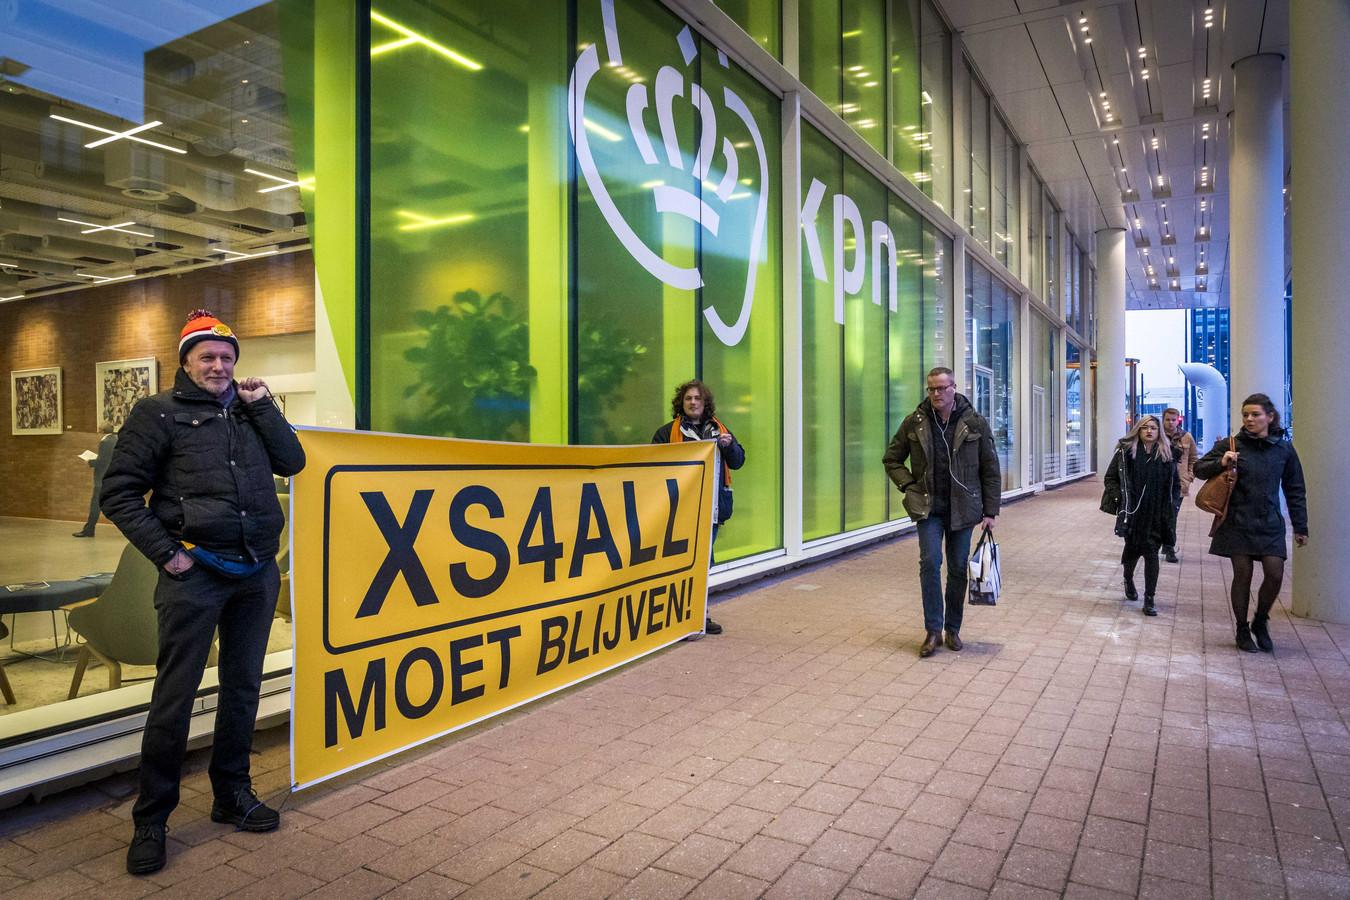 Eigenaar KPN maakte in januari bekend dat merknaam XS4ALL verdwijnt.